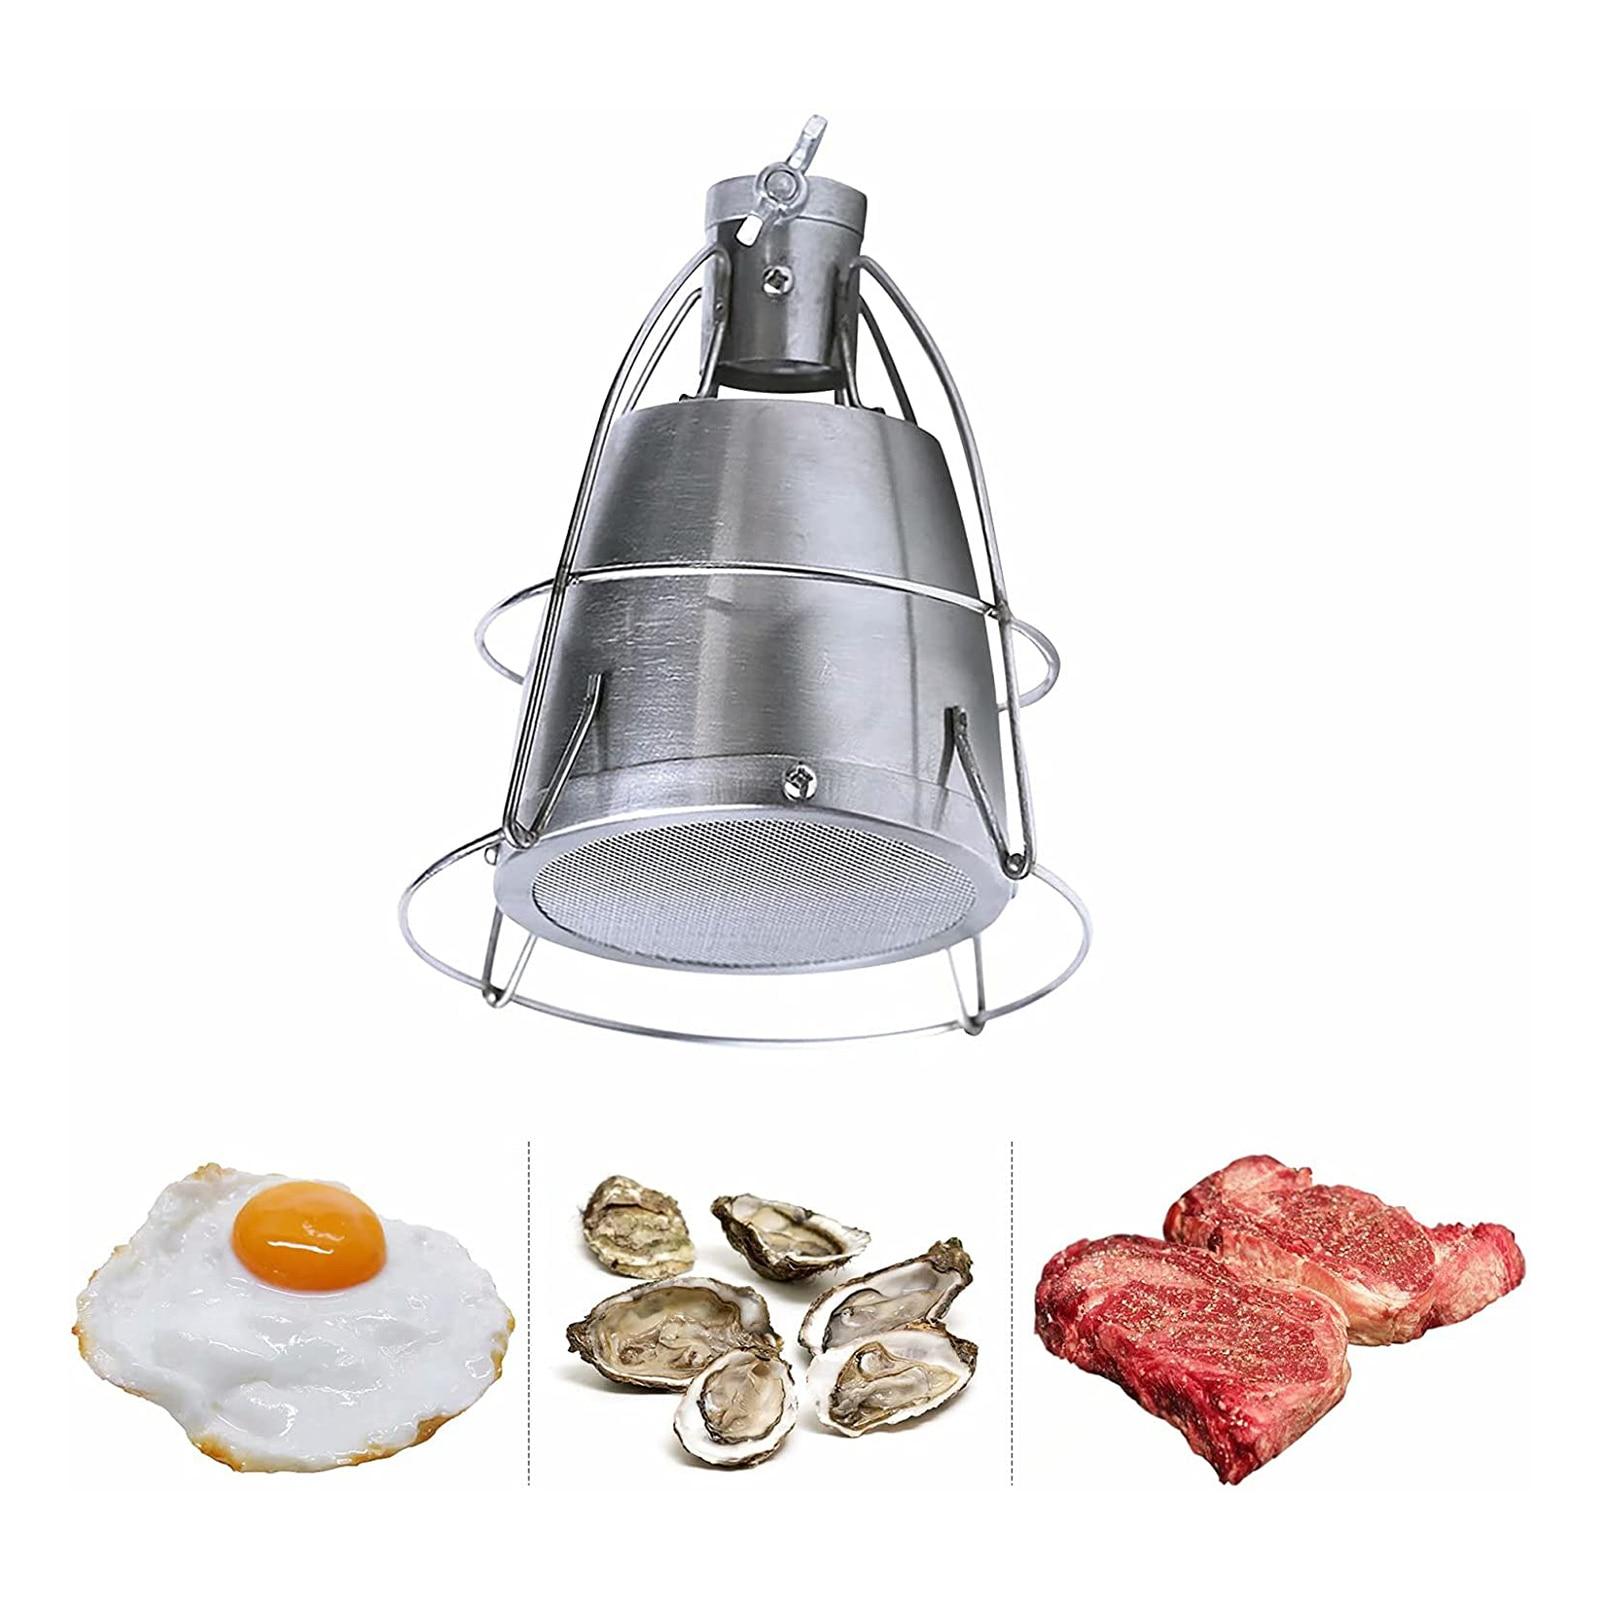 Стальная гофонарь лка для выпечки, приспособление для приготовления пищи, для ресторанов, барбекю, гриля, шеф-повара, нагревательный плавил...